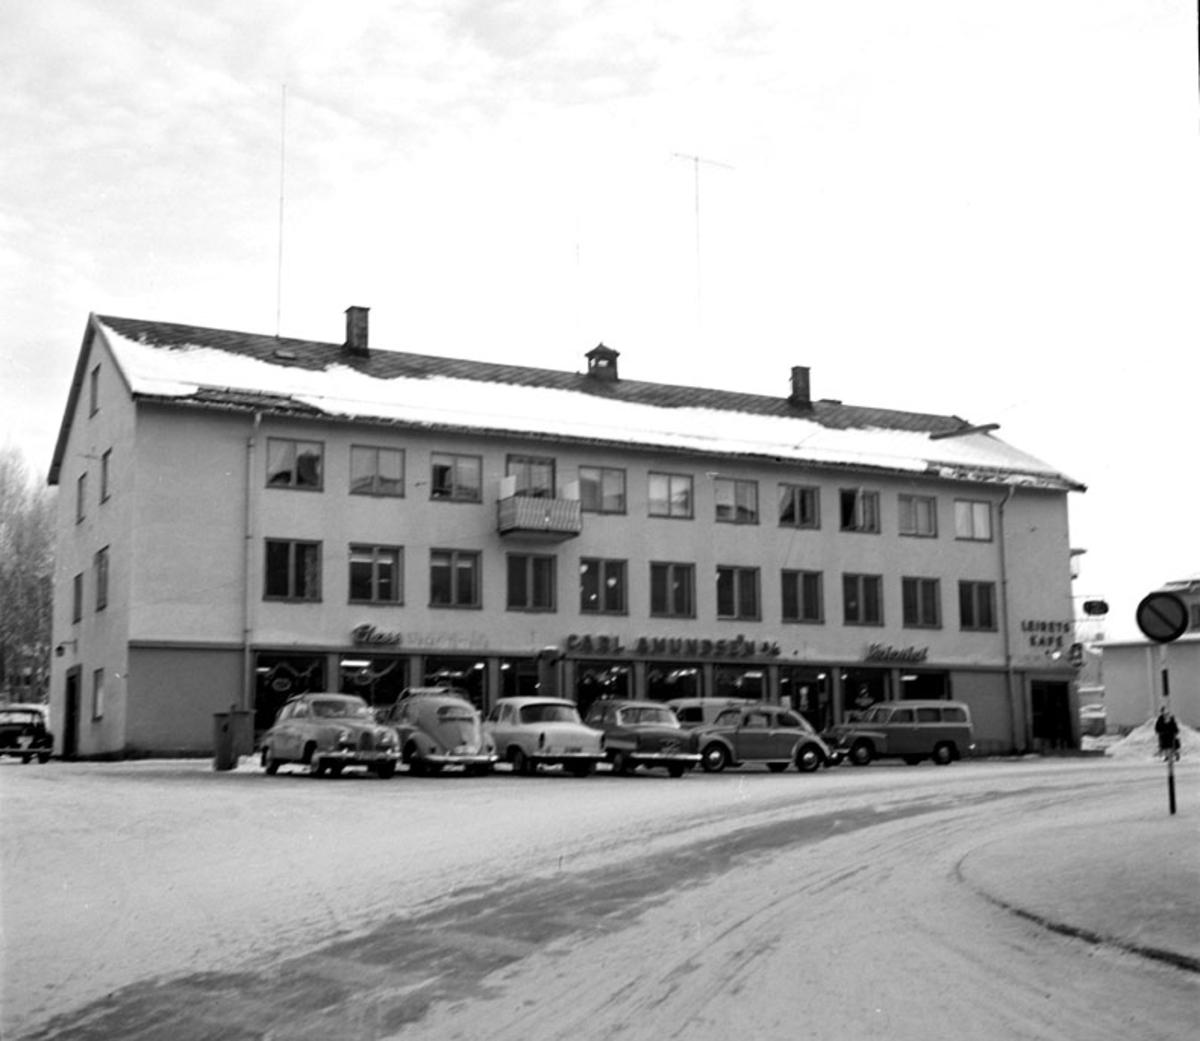 Amundsengården